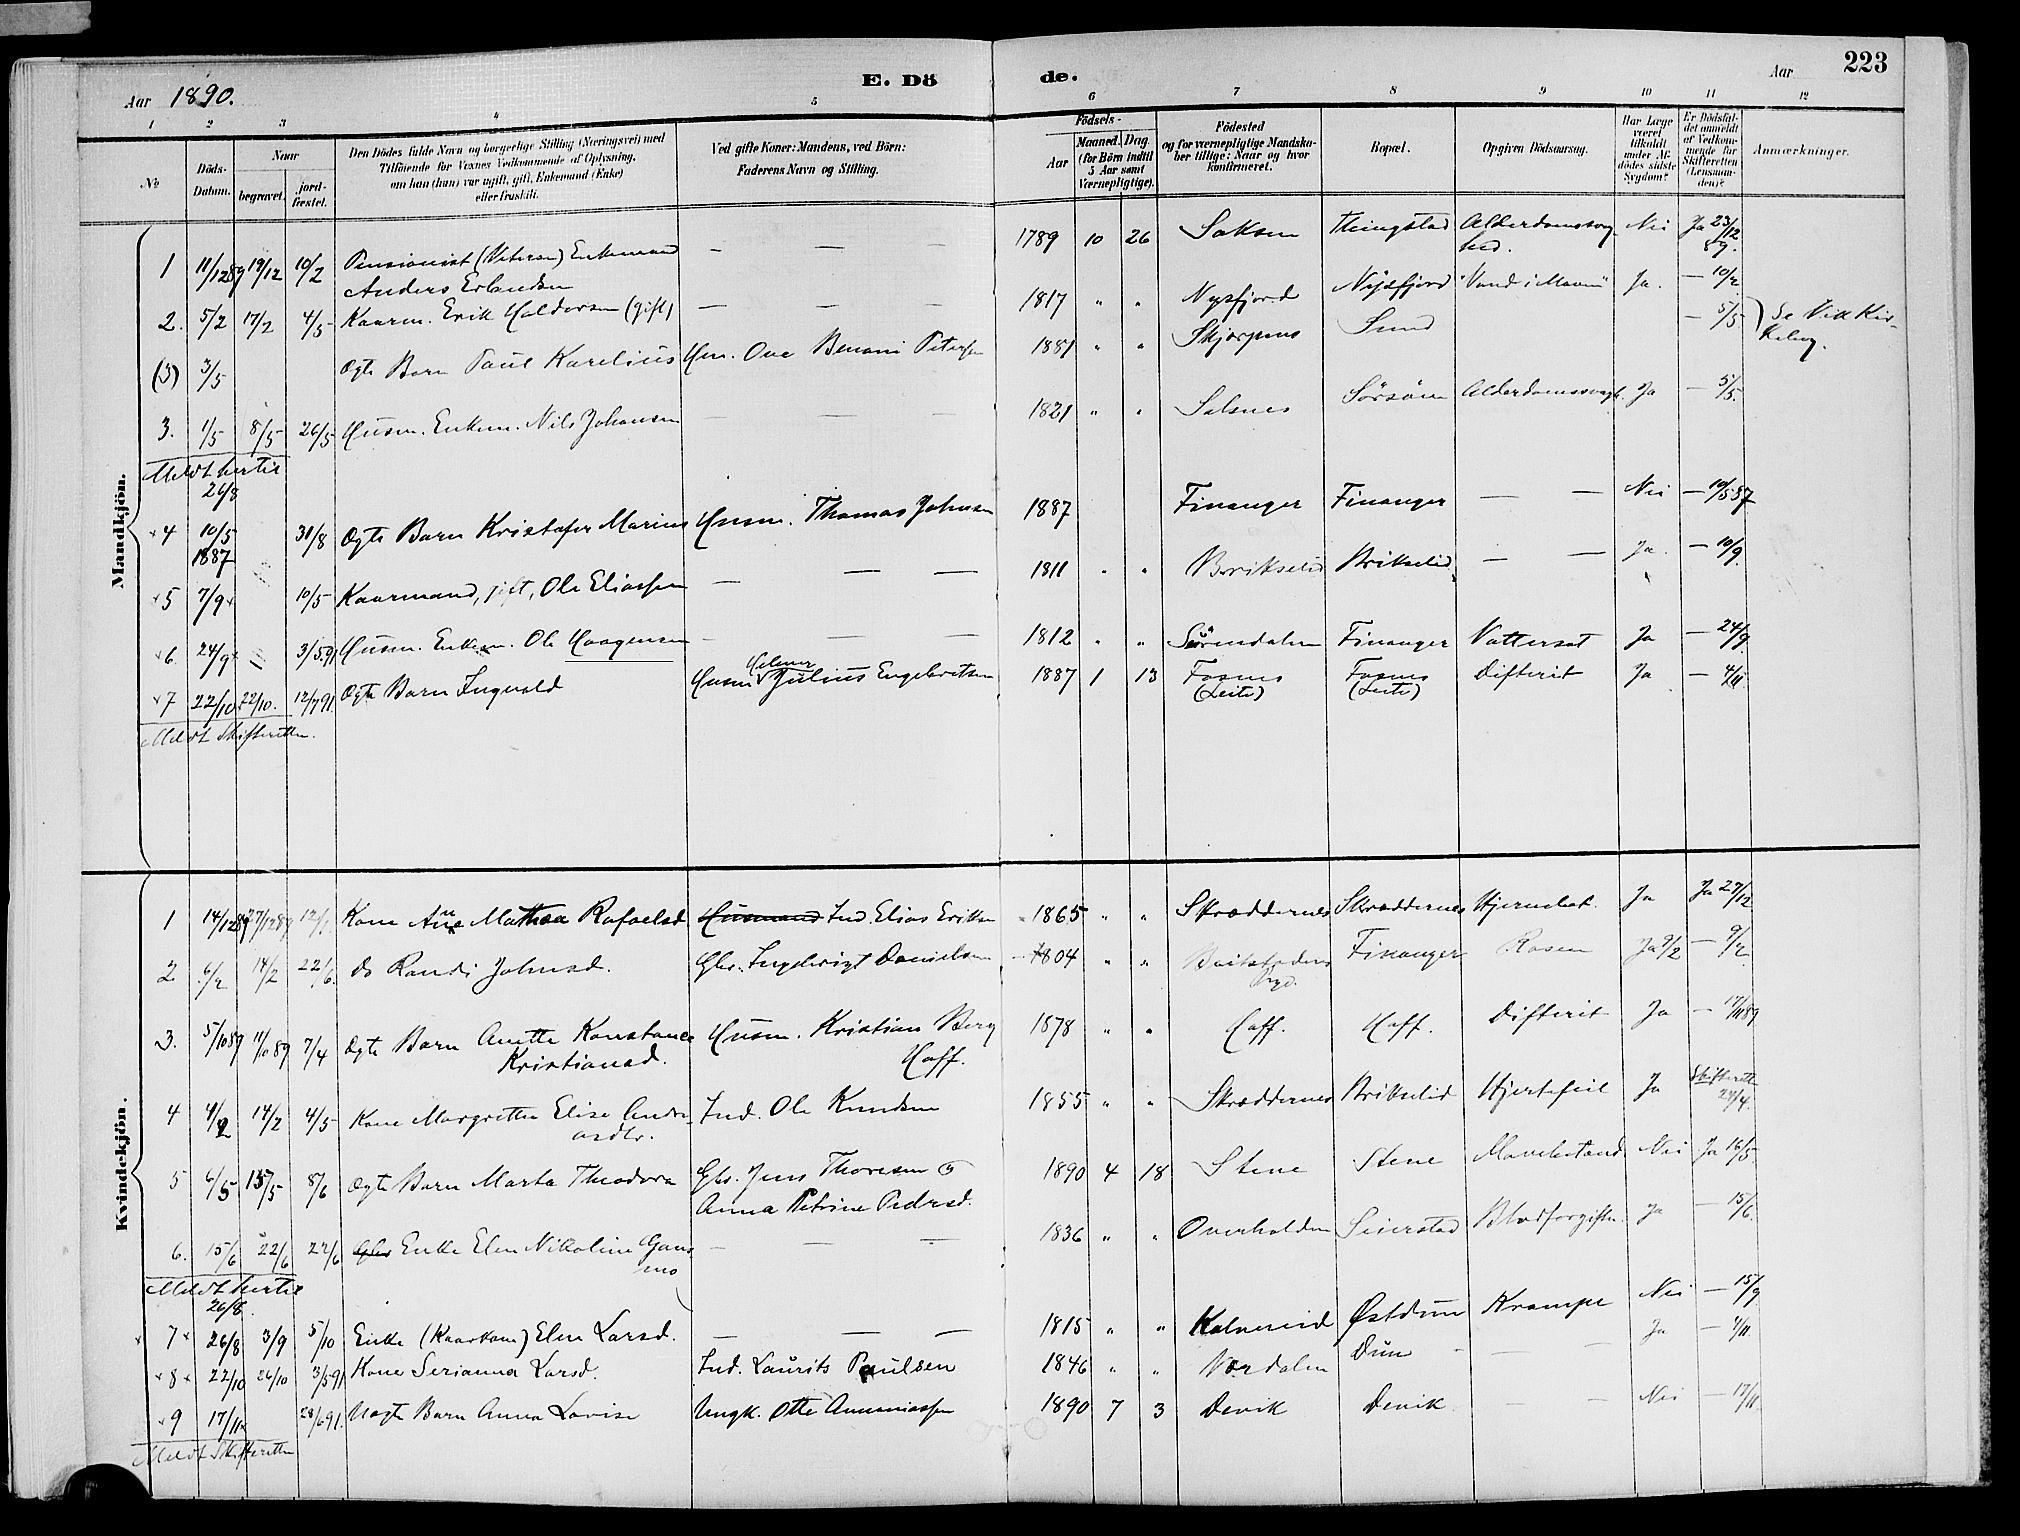 SAT, Ministerialprotokoller, klokkerbøker og fødselsregistre - Nord-Trøndelag, 773/L0617: Ministerialbok nr. 773A08, 1887-1910, s. 223